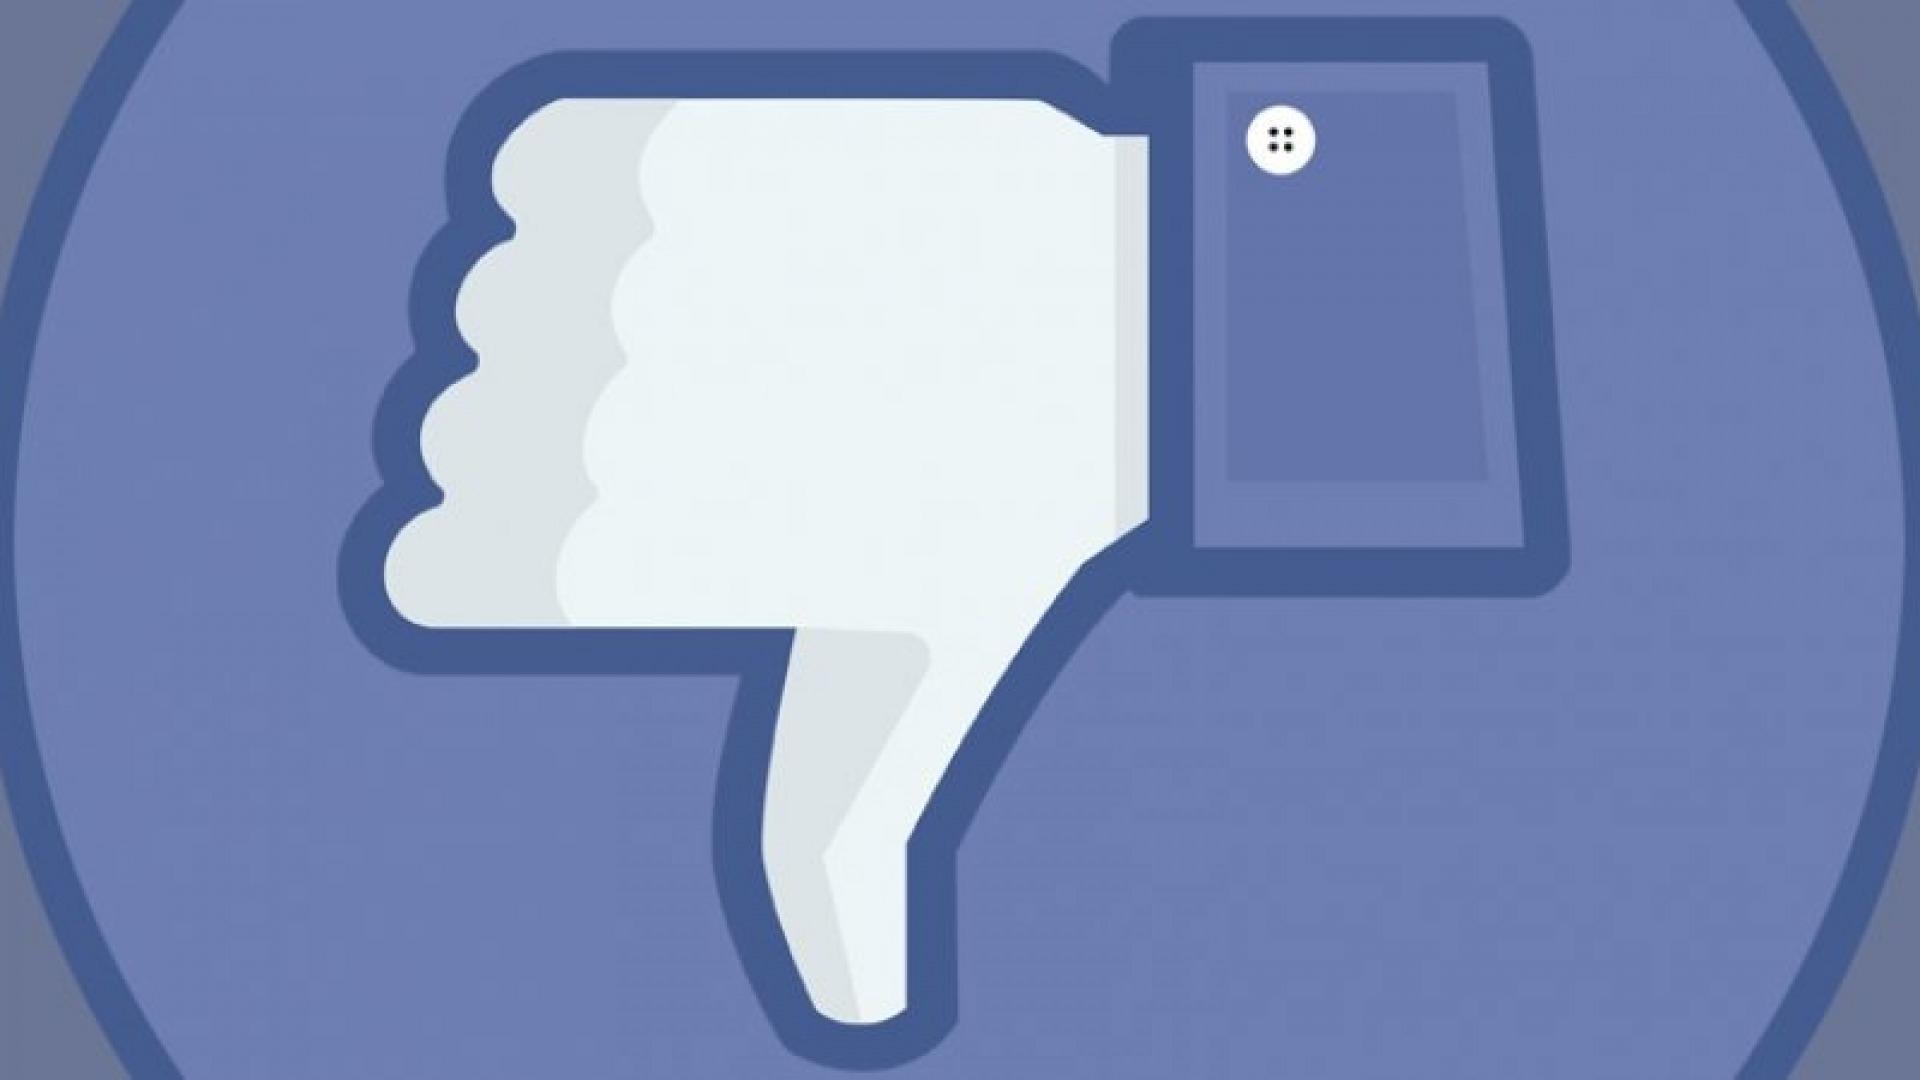 Gestire una crisi sui social media